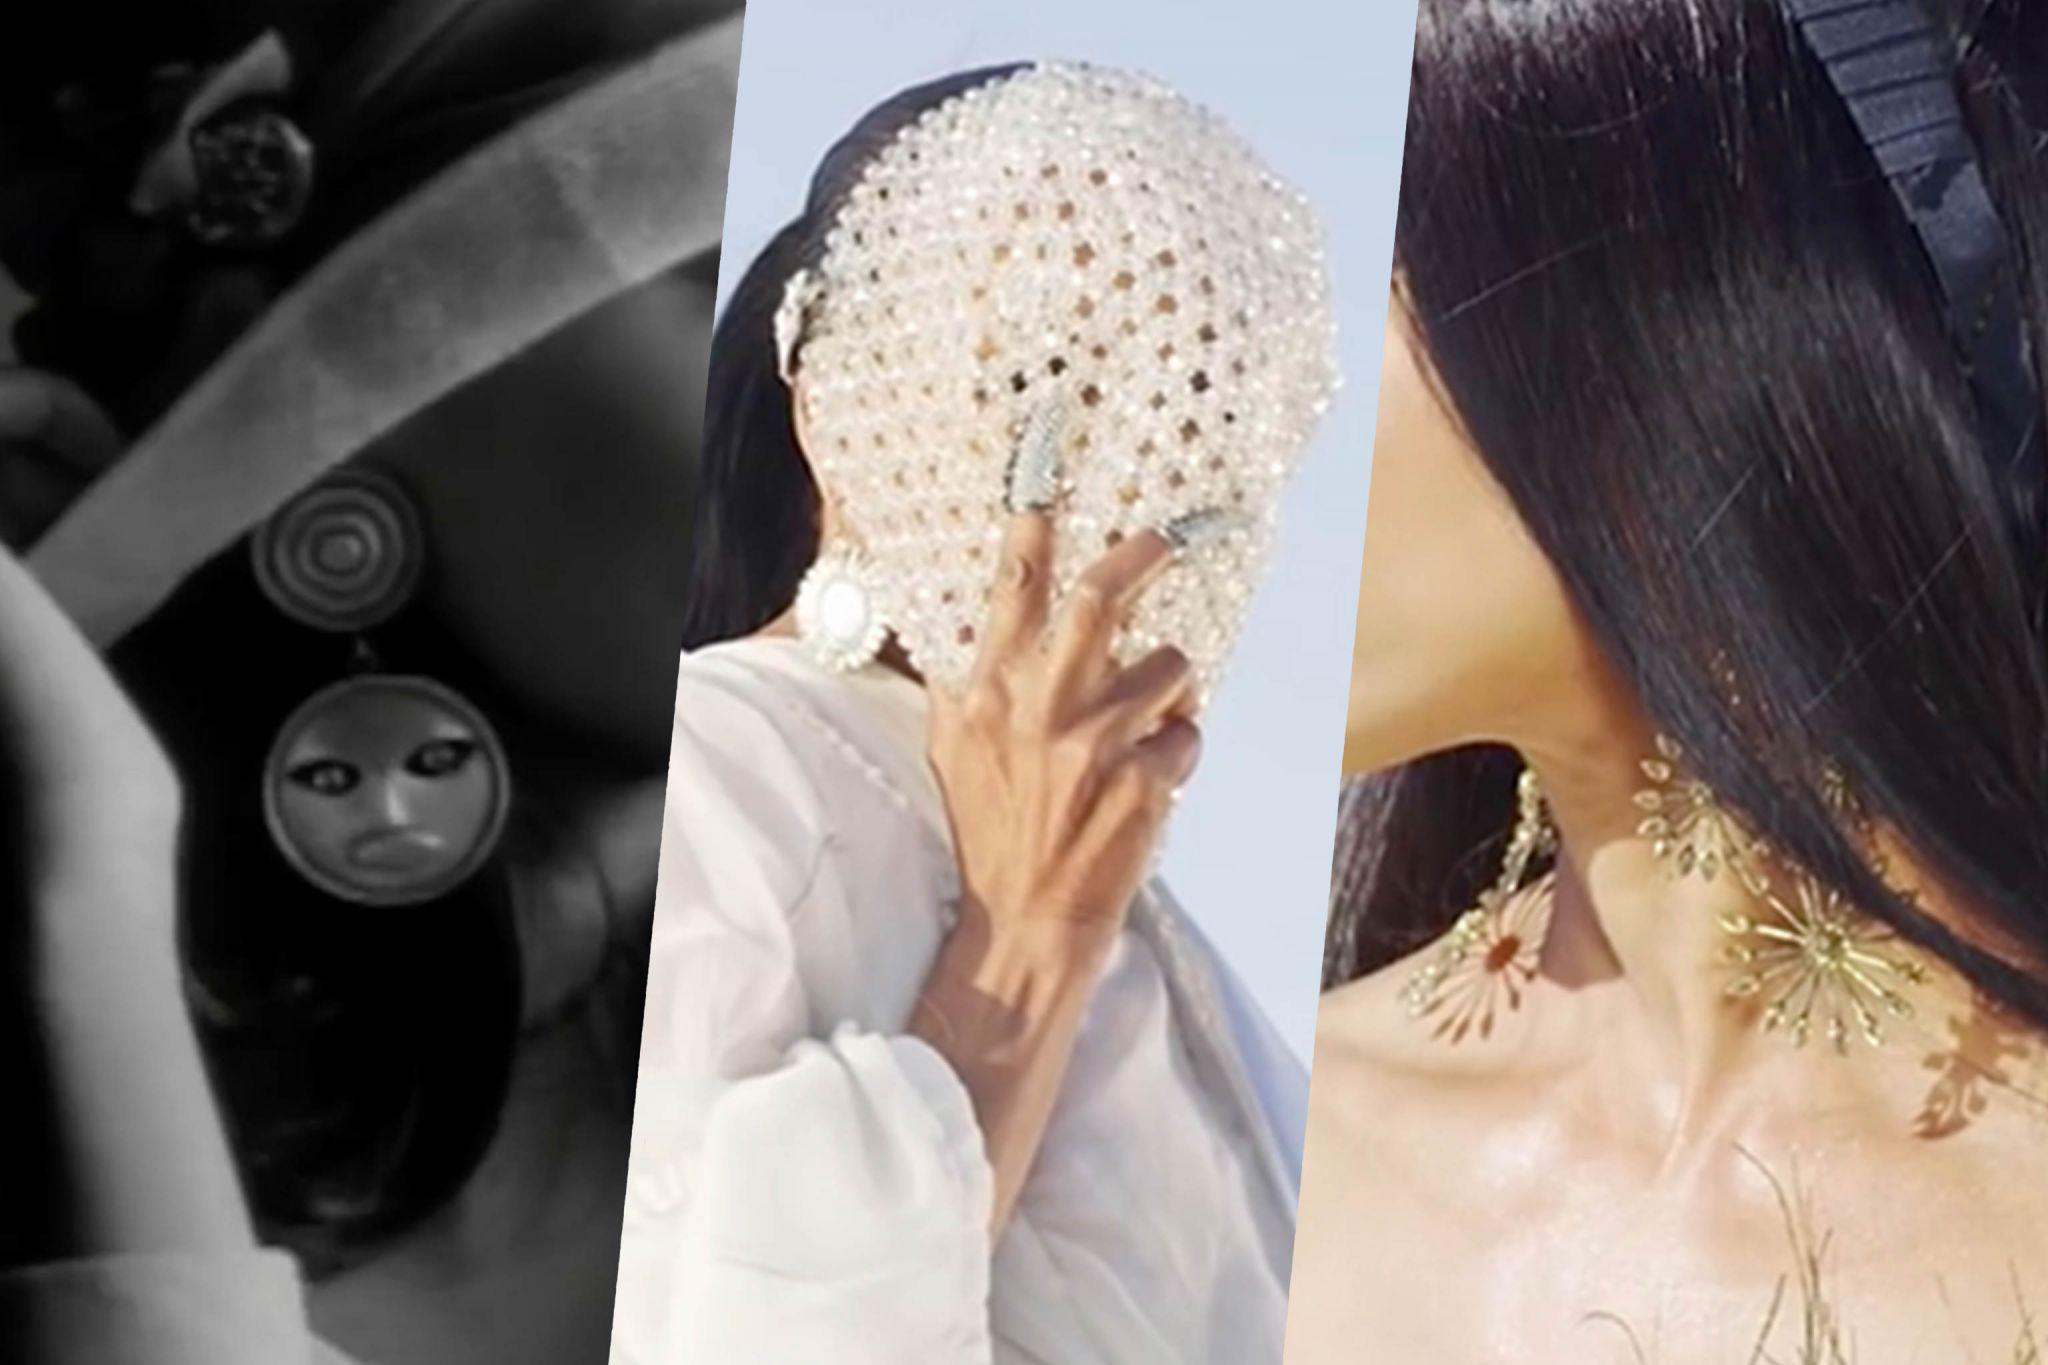 As seen on En Vogue